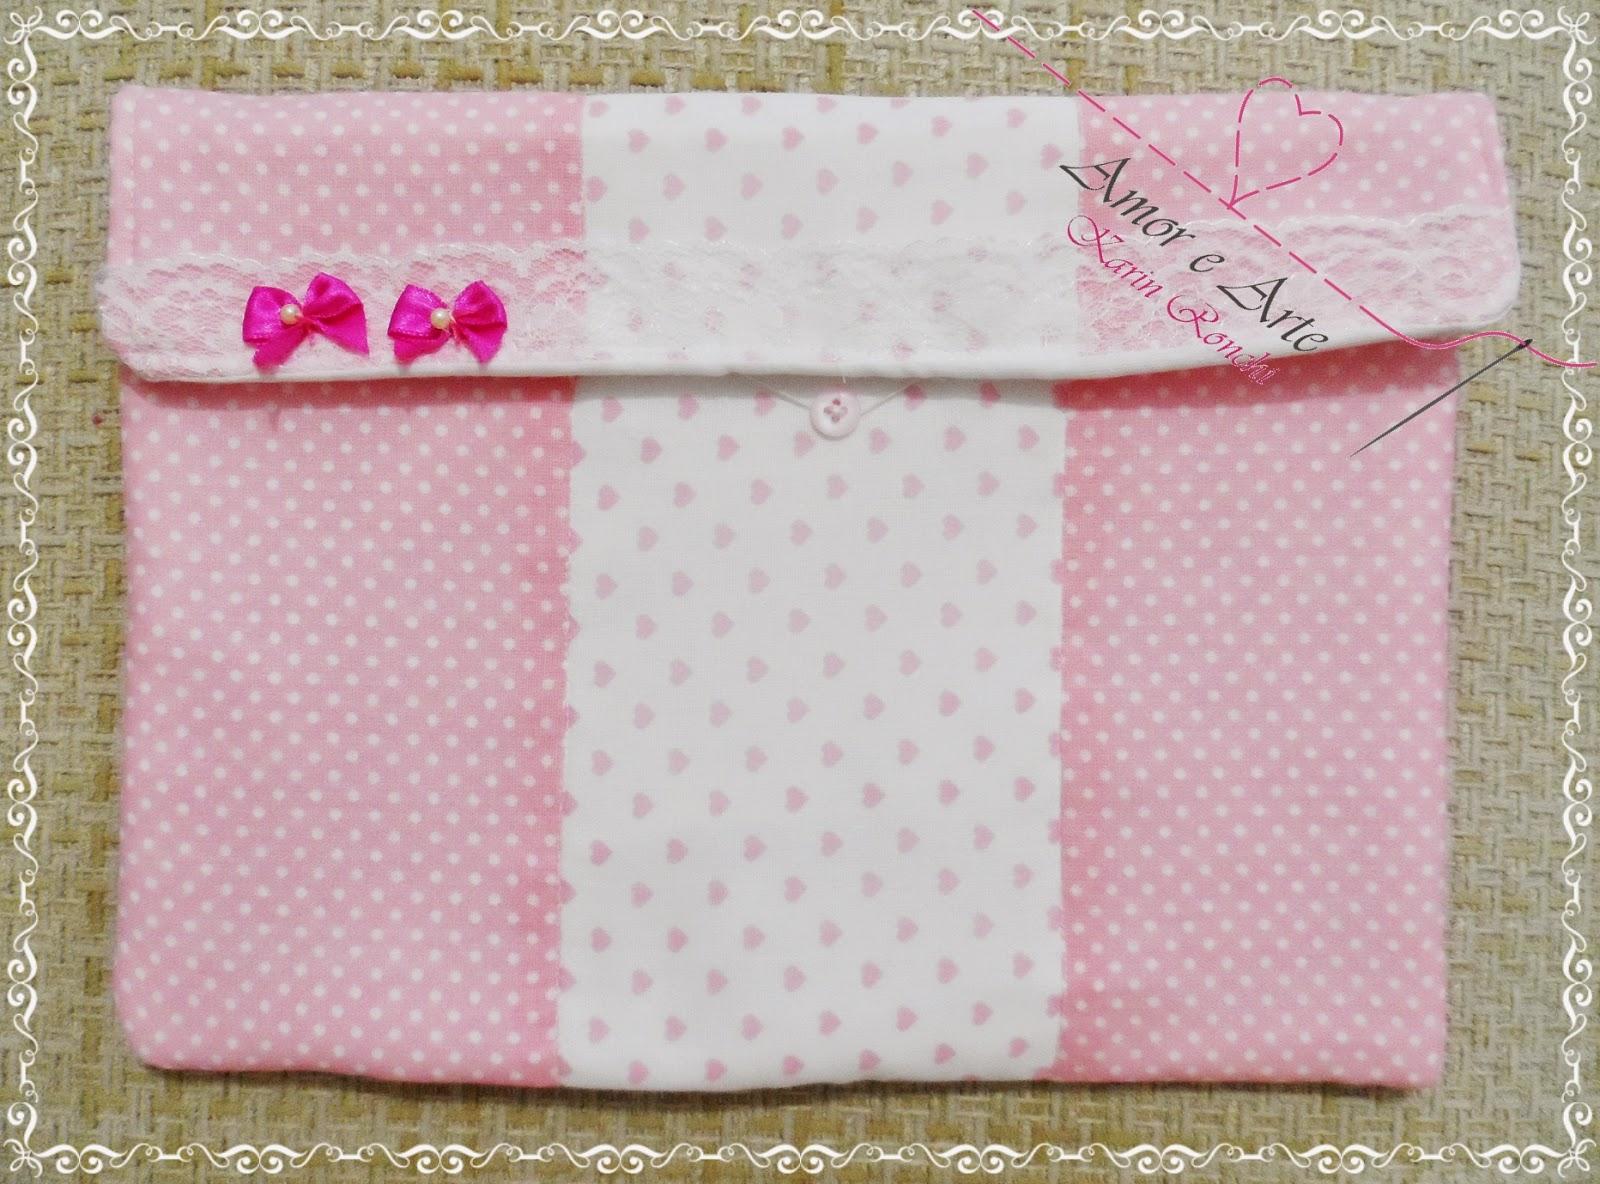 Case para tablet, capa em tecido - Mix de estampas rosa bebê com bolinhas brancas e branco com corações cor de rosa